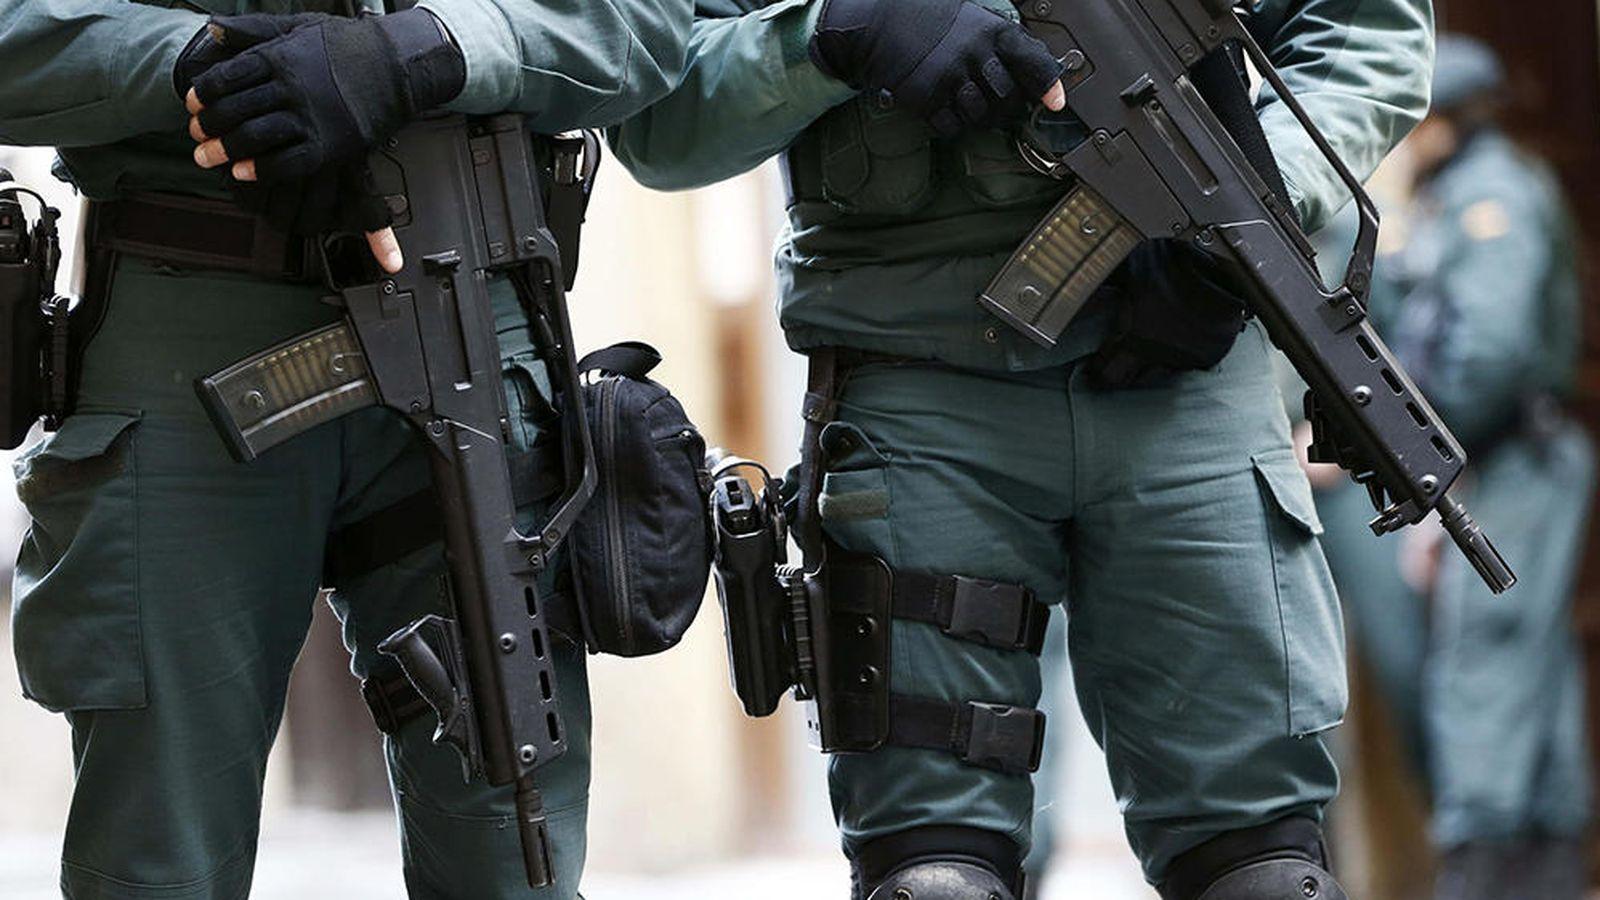 Foto: Efectivos de la Guardia Civil en Pamplona. (EFE)